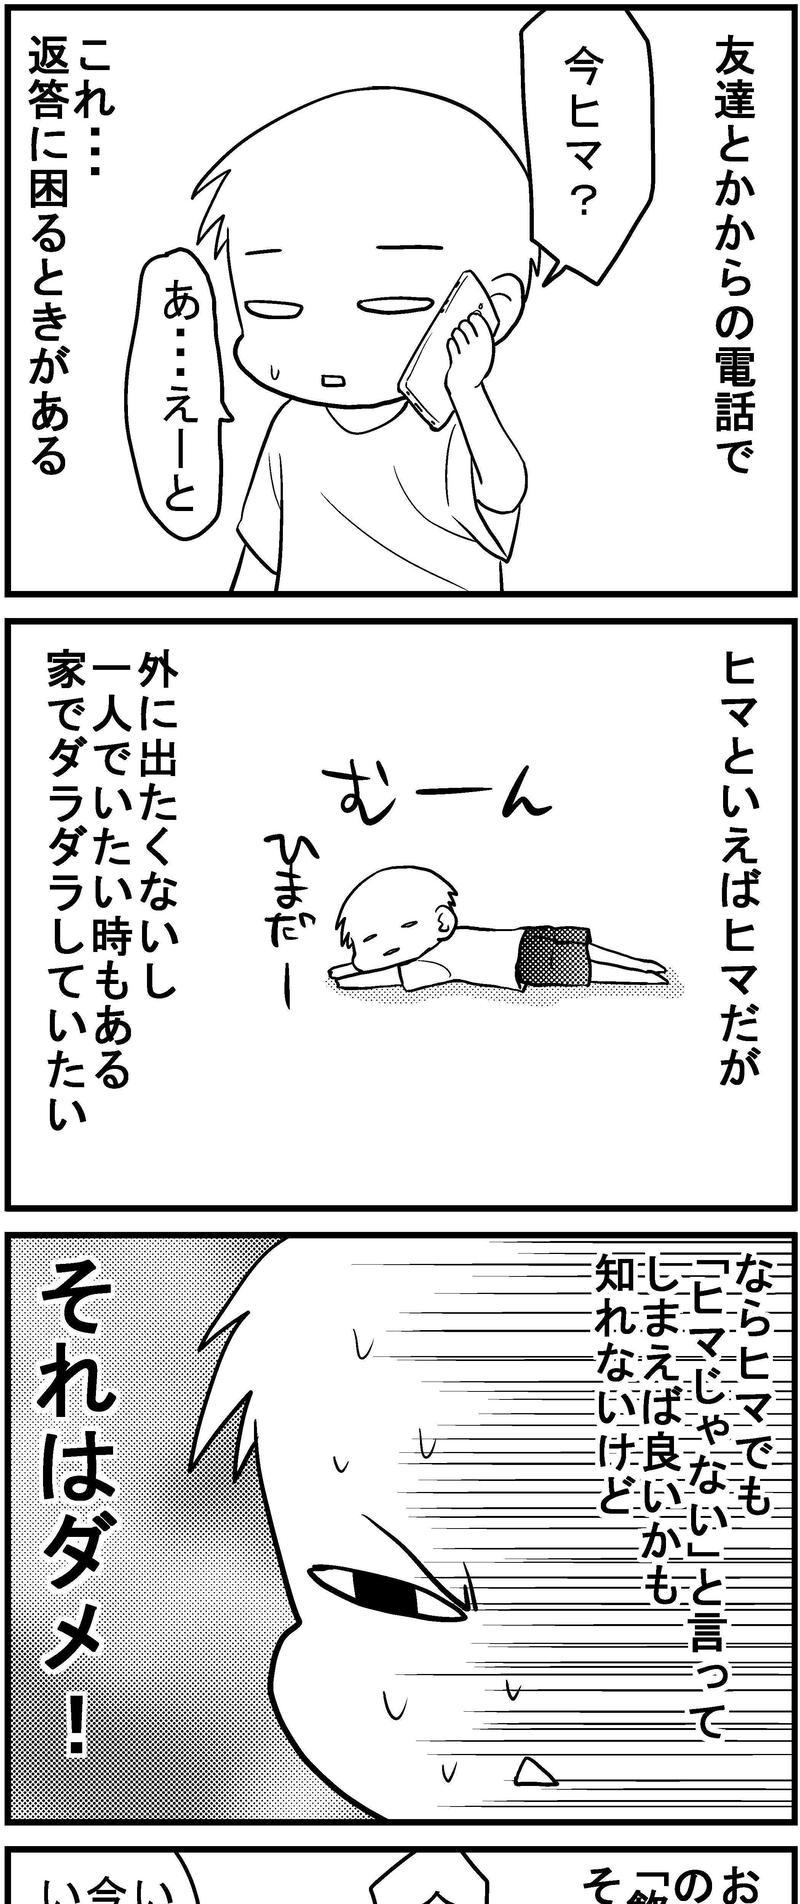 第17話 深読みし過ぎて断れない!!